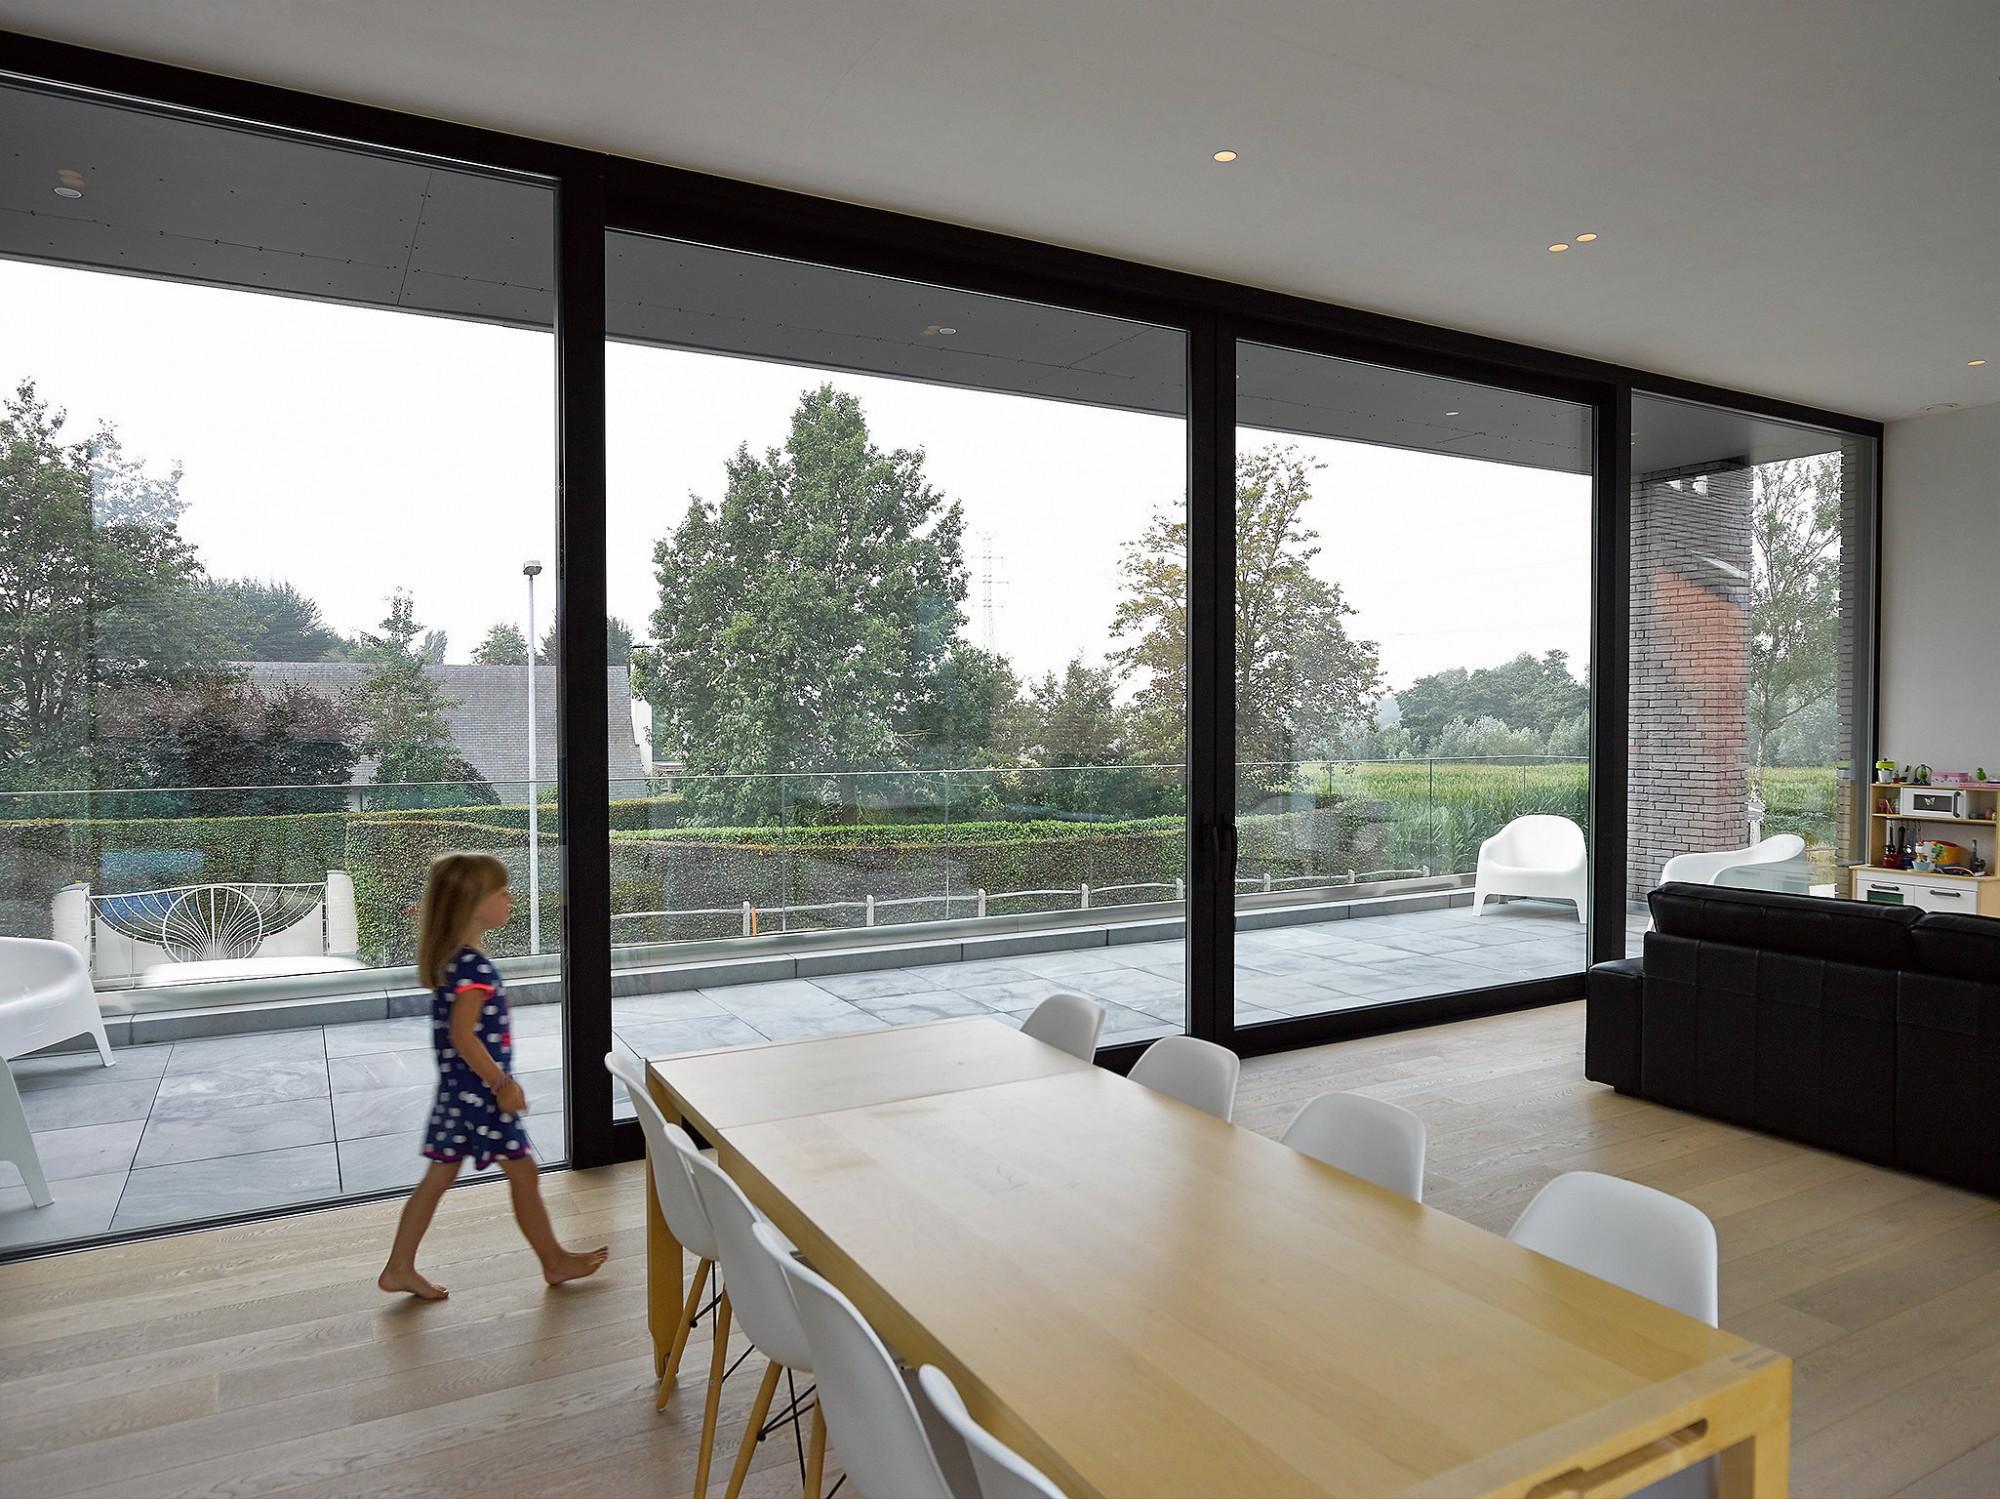 Afbeelding: Productfotografie, ramen, deuren, profielen, op uw mooiste locaties gefotografeerd, foto Van Huffel.